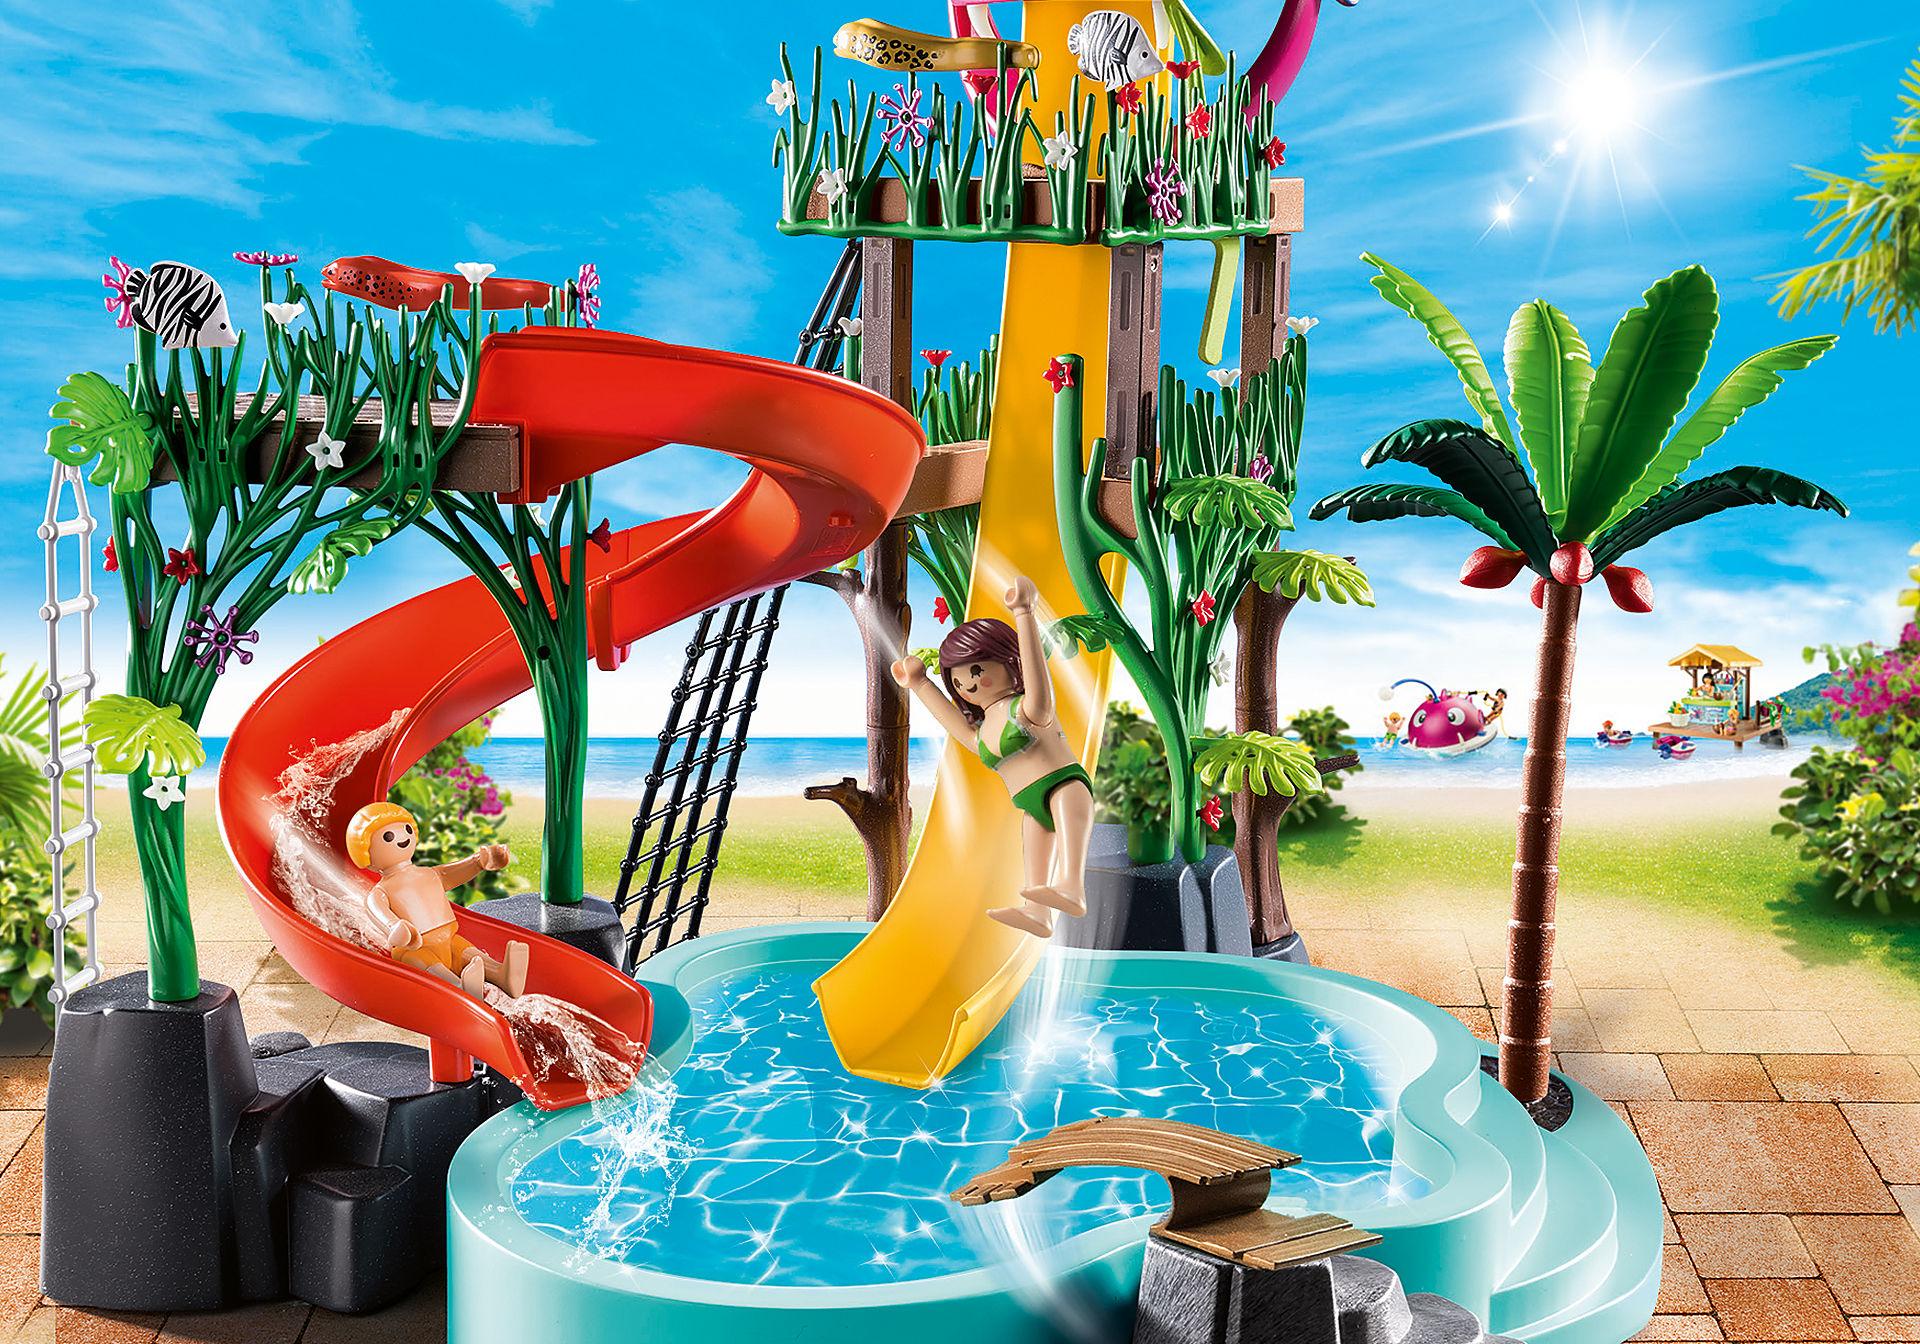 70609 Parco acquatico con scivoli zoom image4